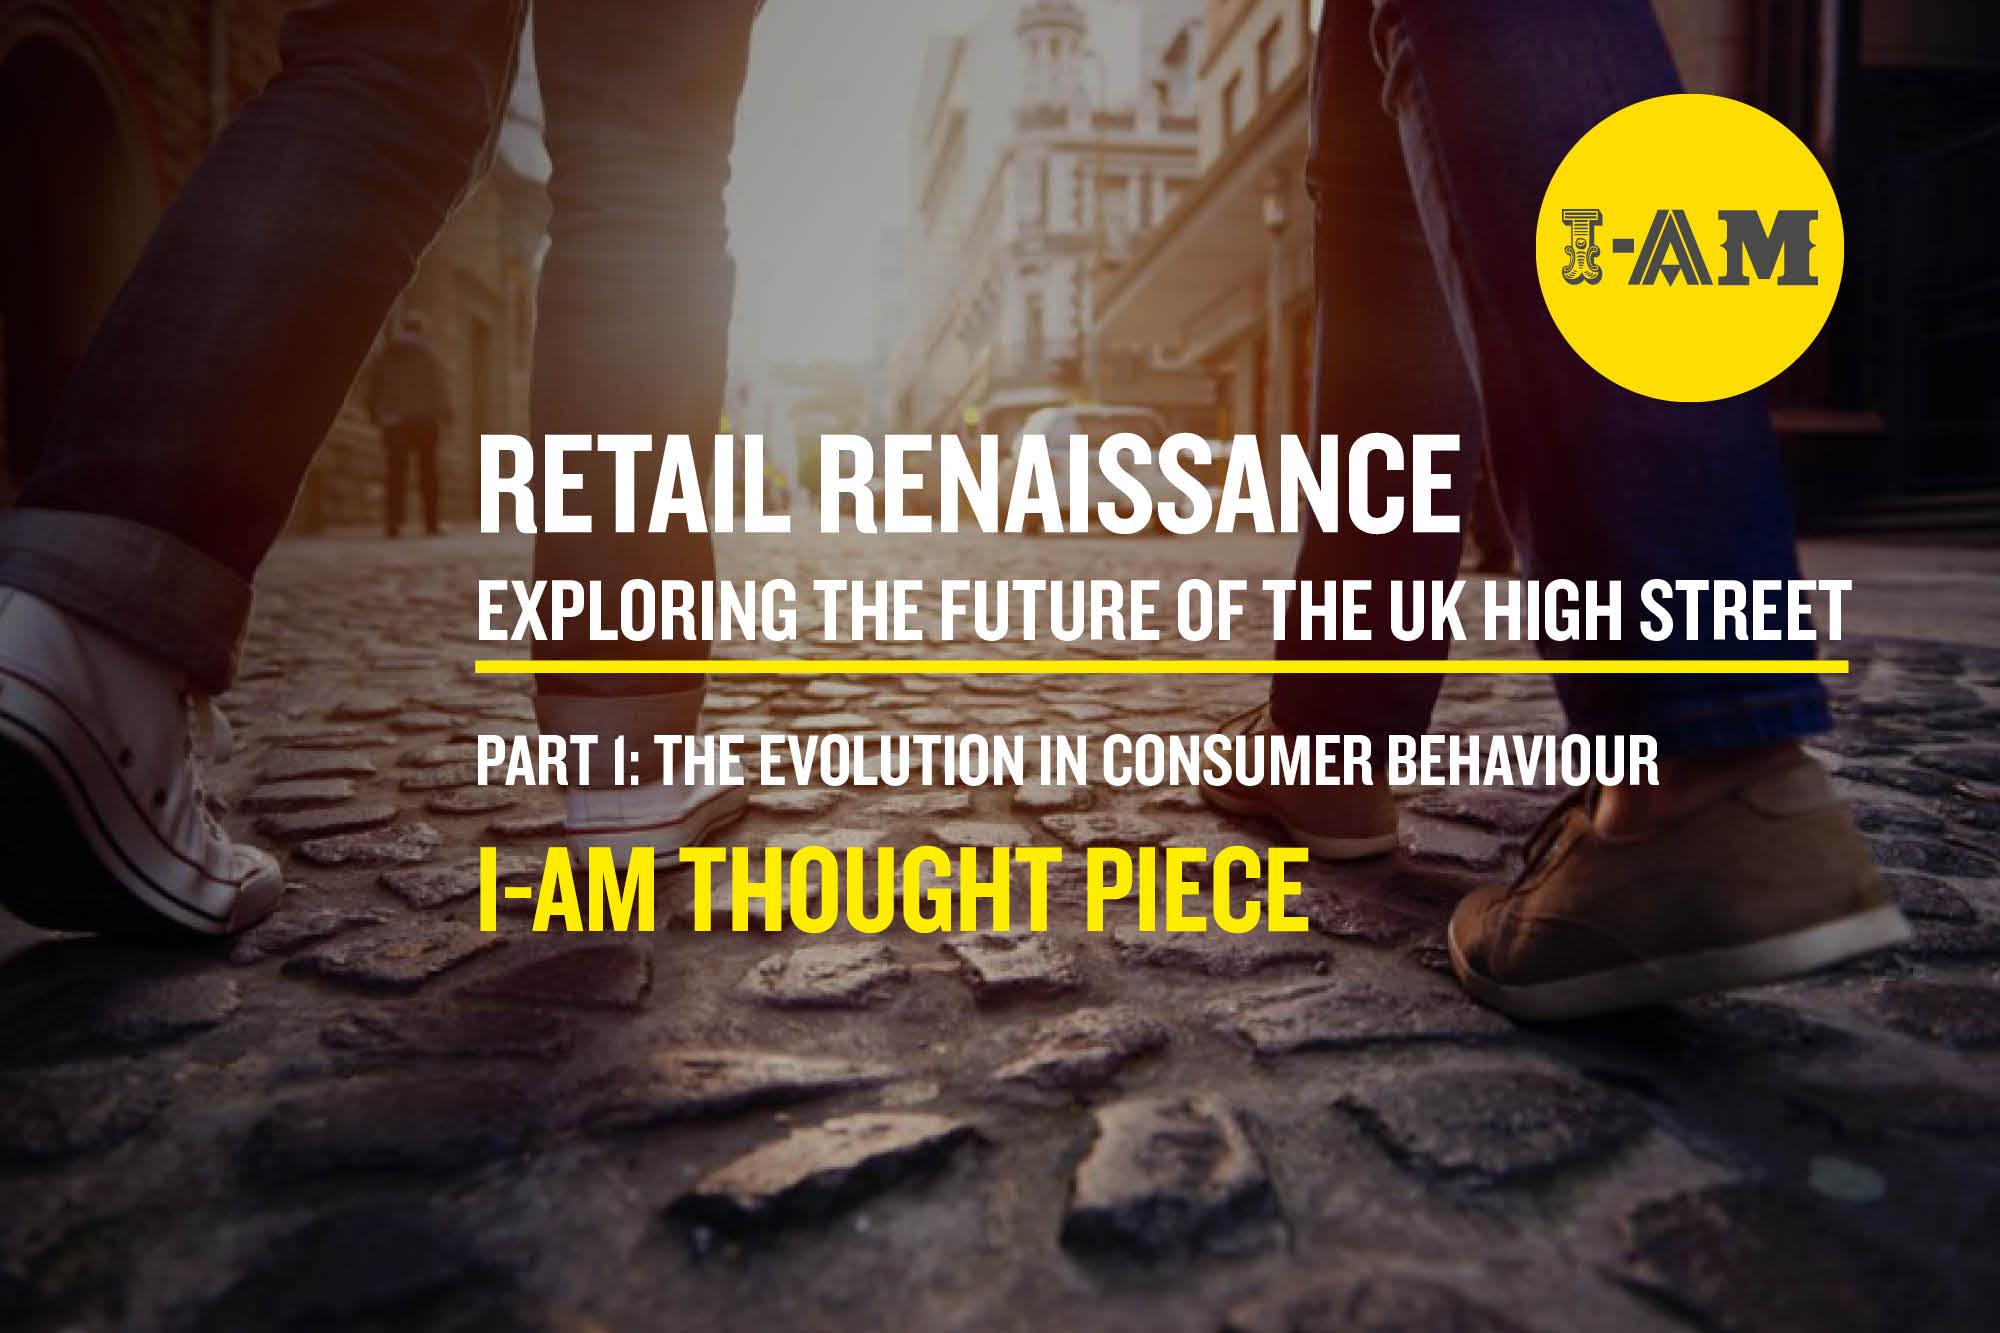 retail renaissance_FEATURED IMAGE PART 1